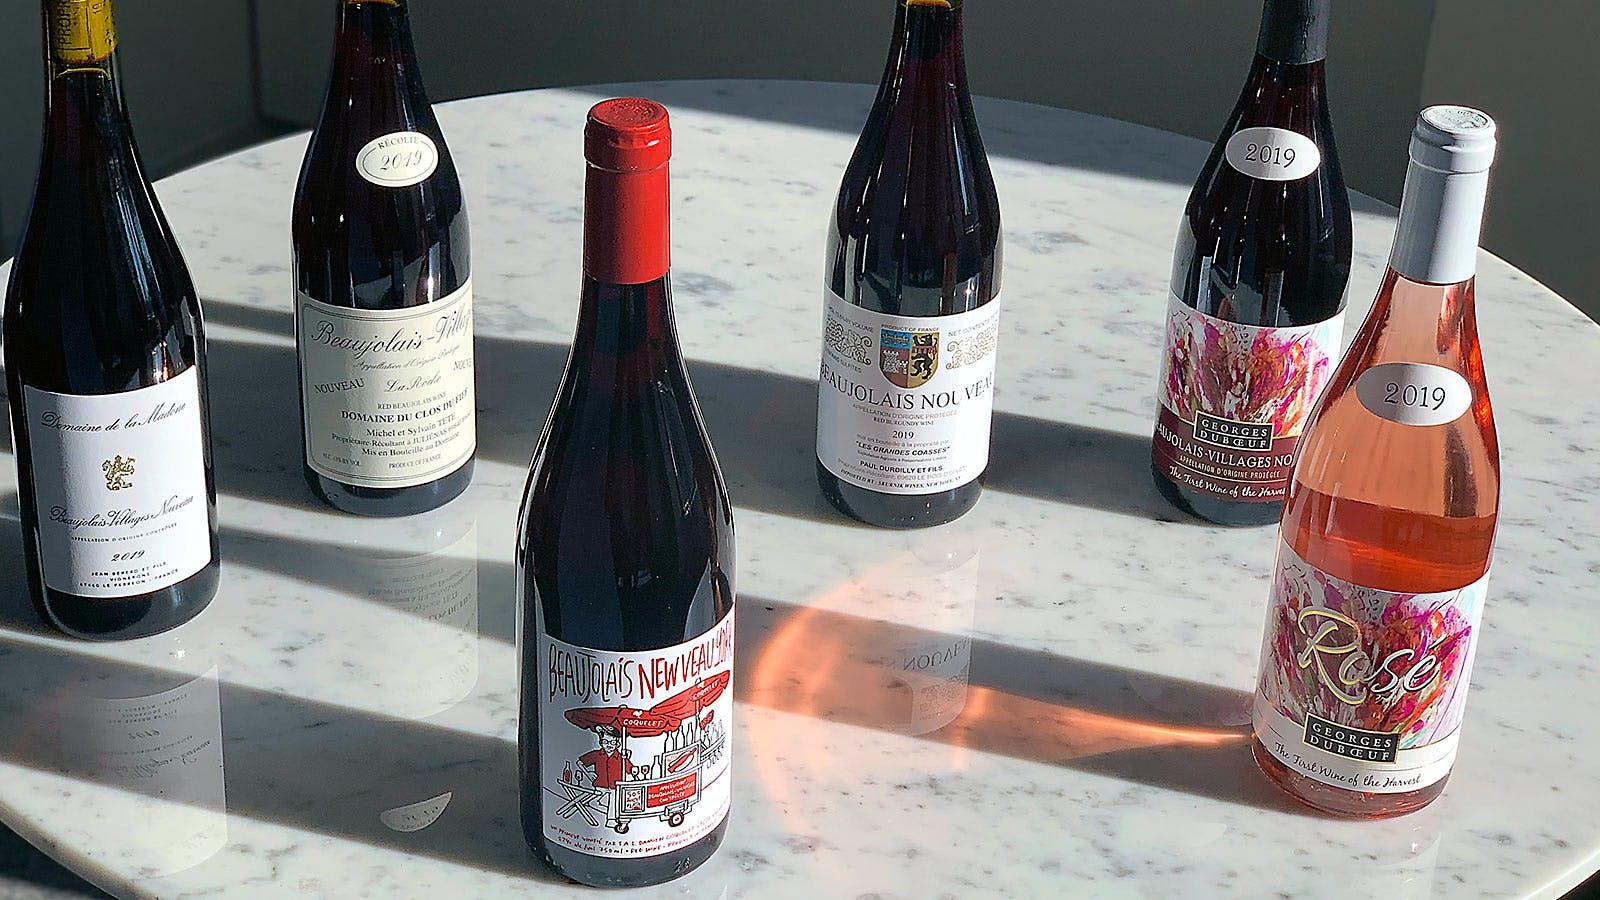 Come Hail or High Tariffs, 2019 Beaujolais Nouveau Arrives